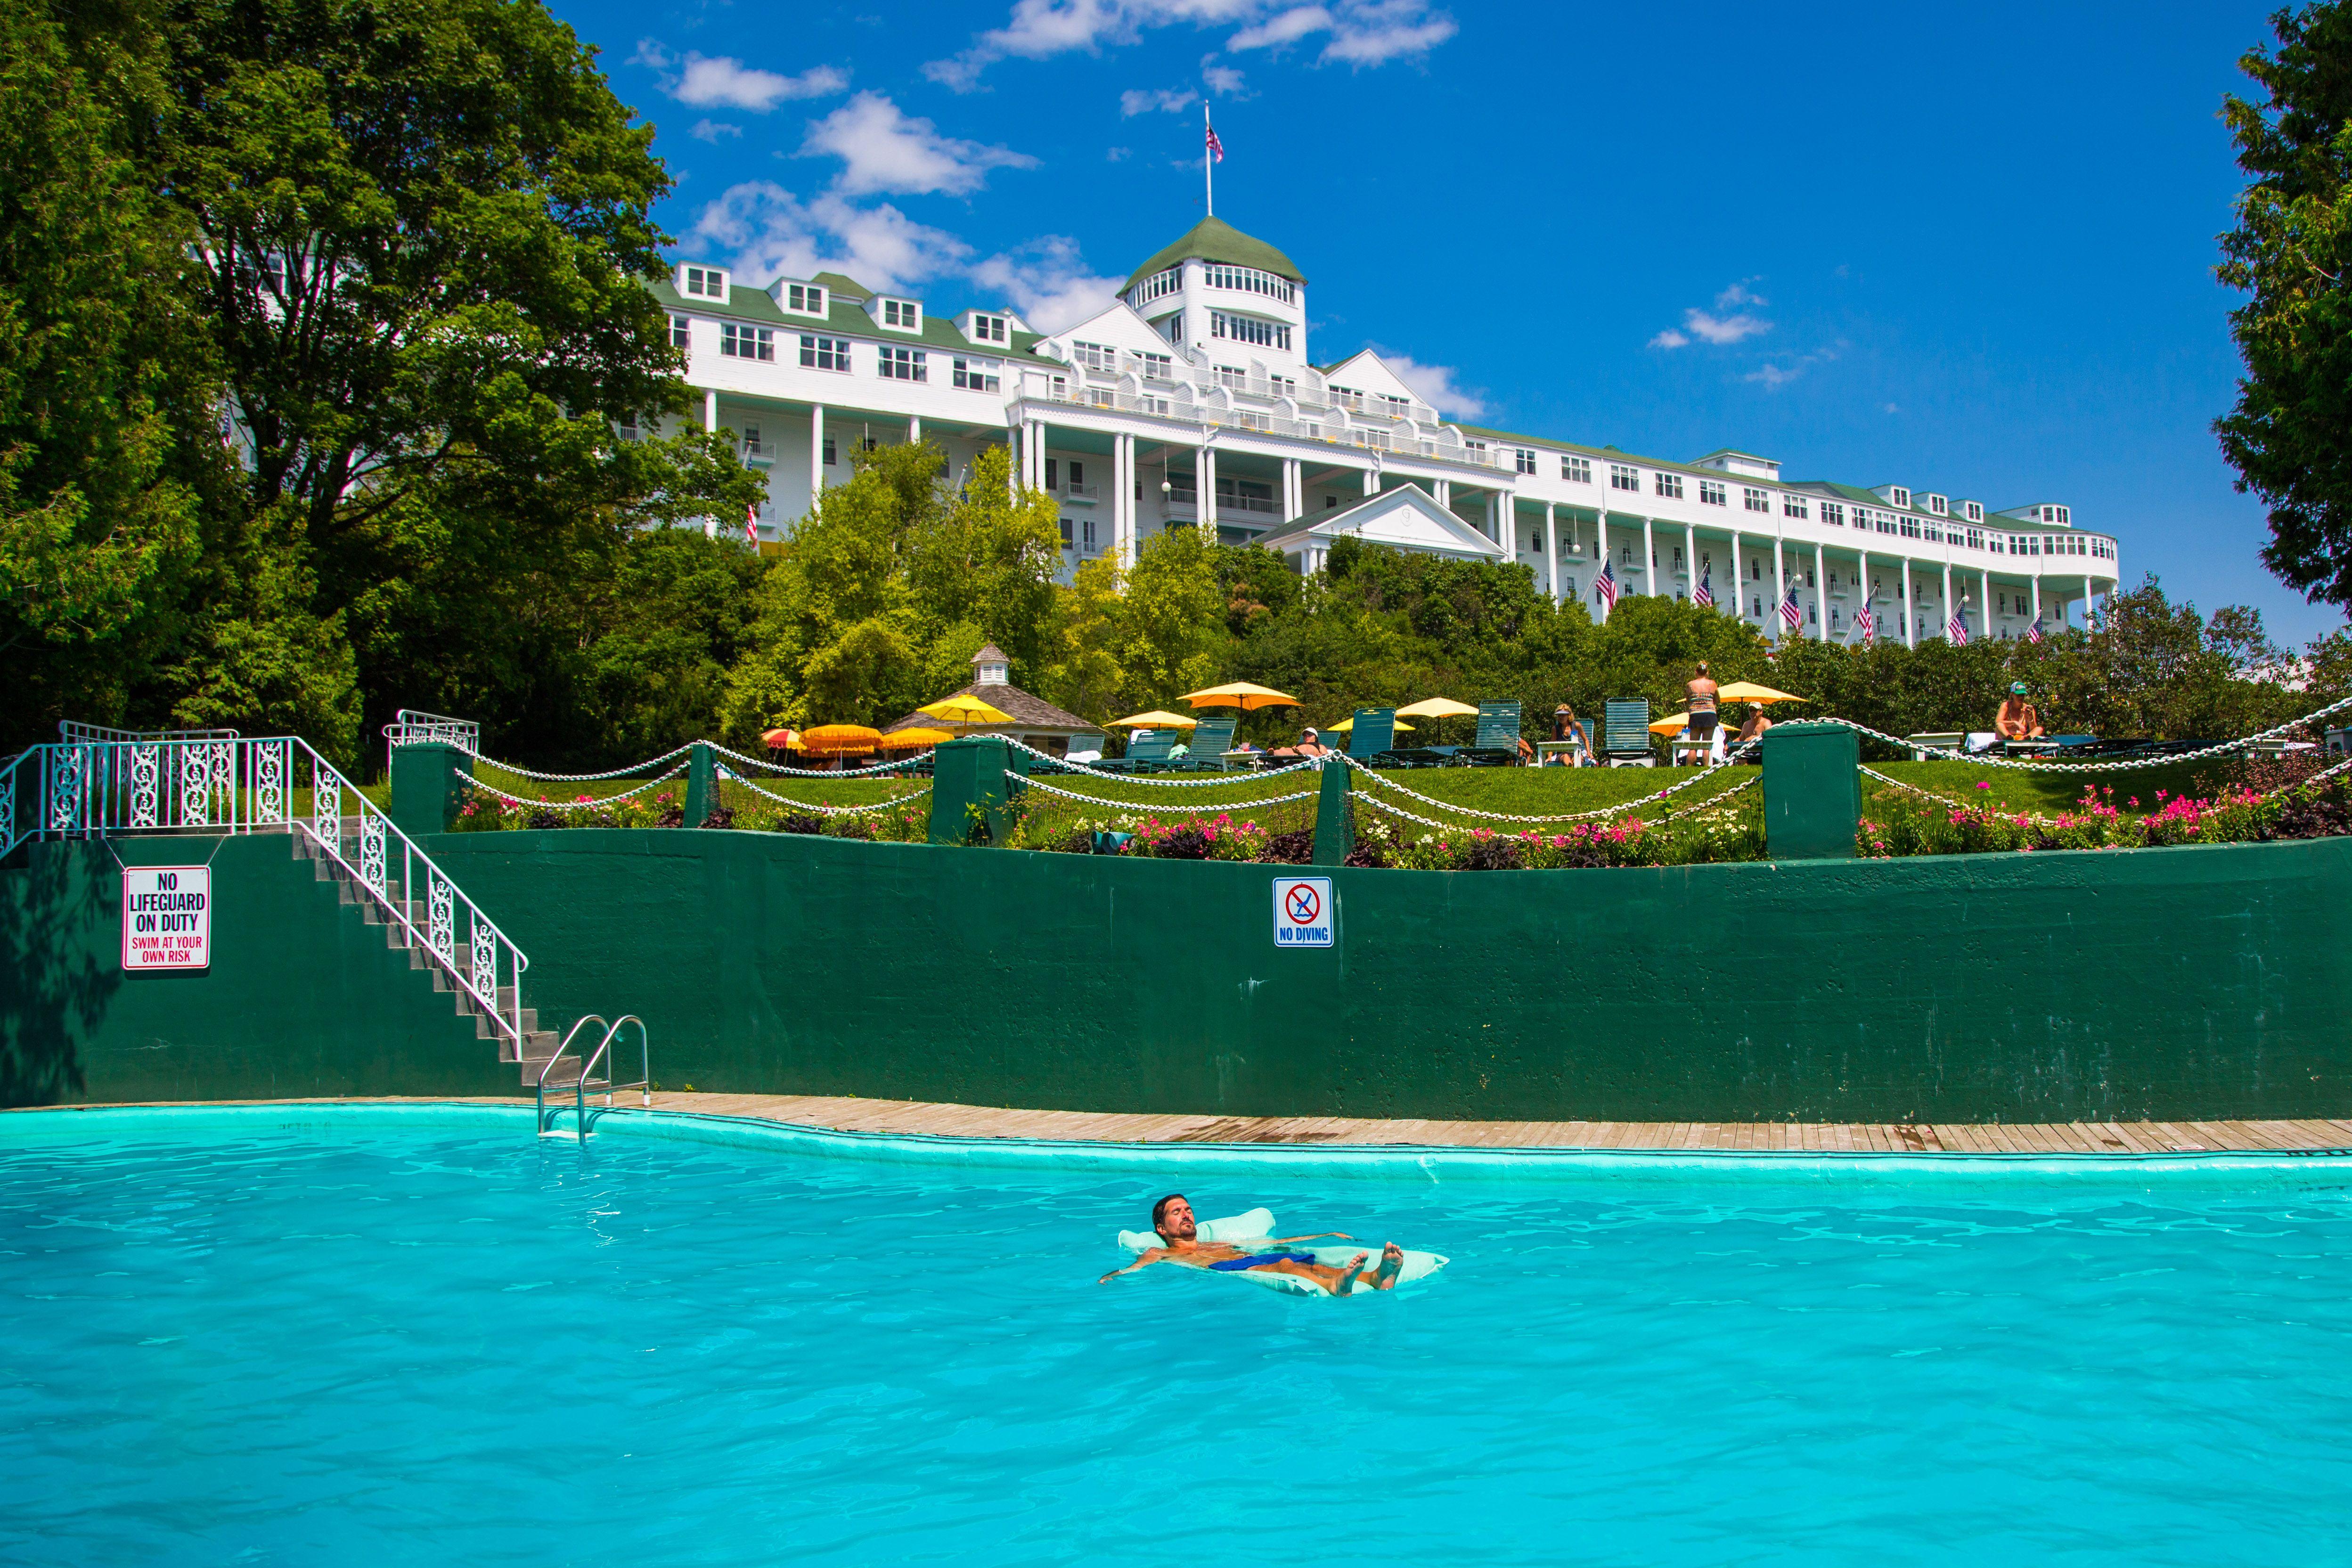 Relaxing In The Pool At Grand Hotel On Mackinac Island Grandhotelmichigan Mackinacisland Puremichigan Michigan Vacat Grand Hotel Mackinac Island Resort